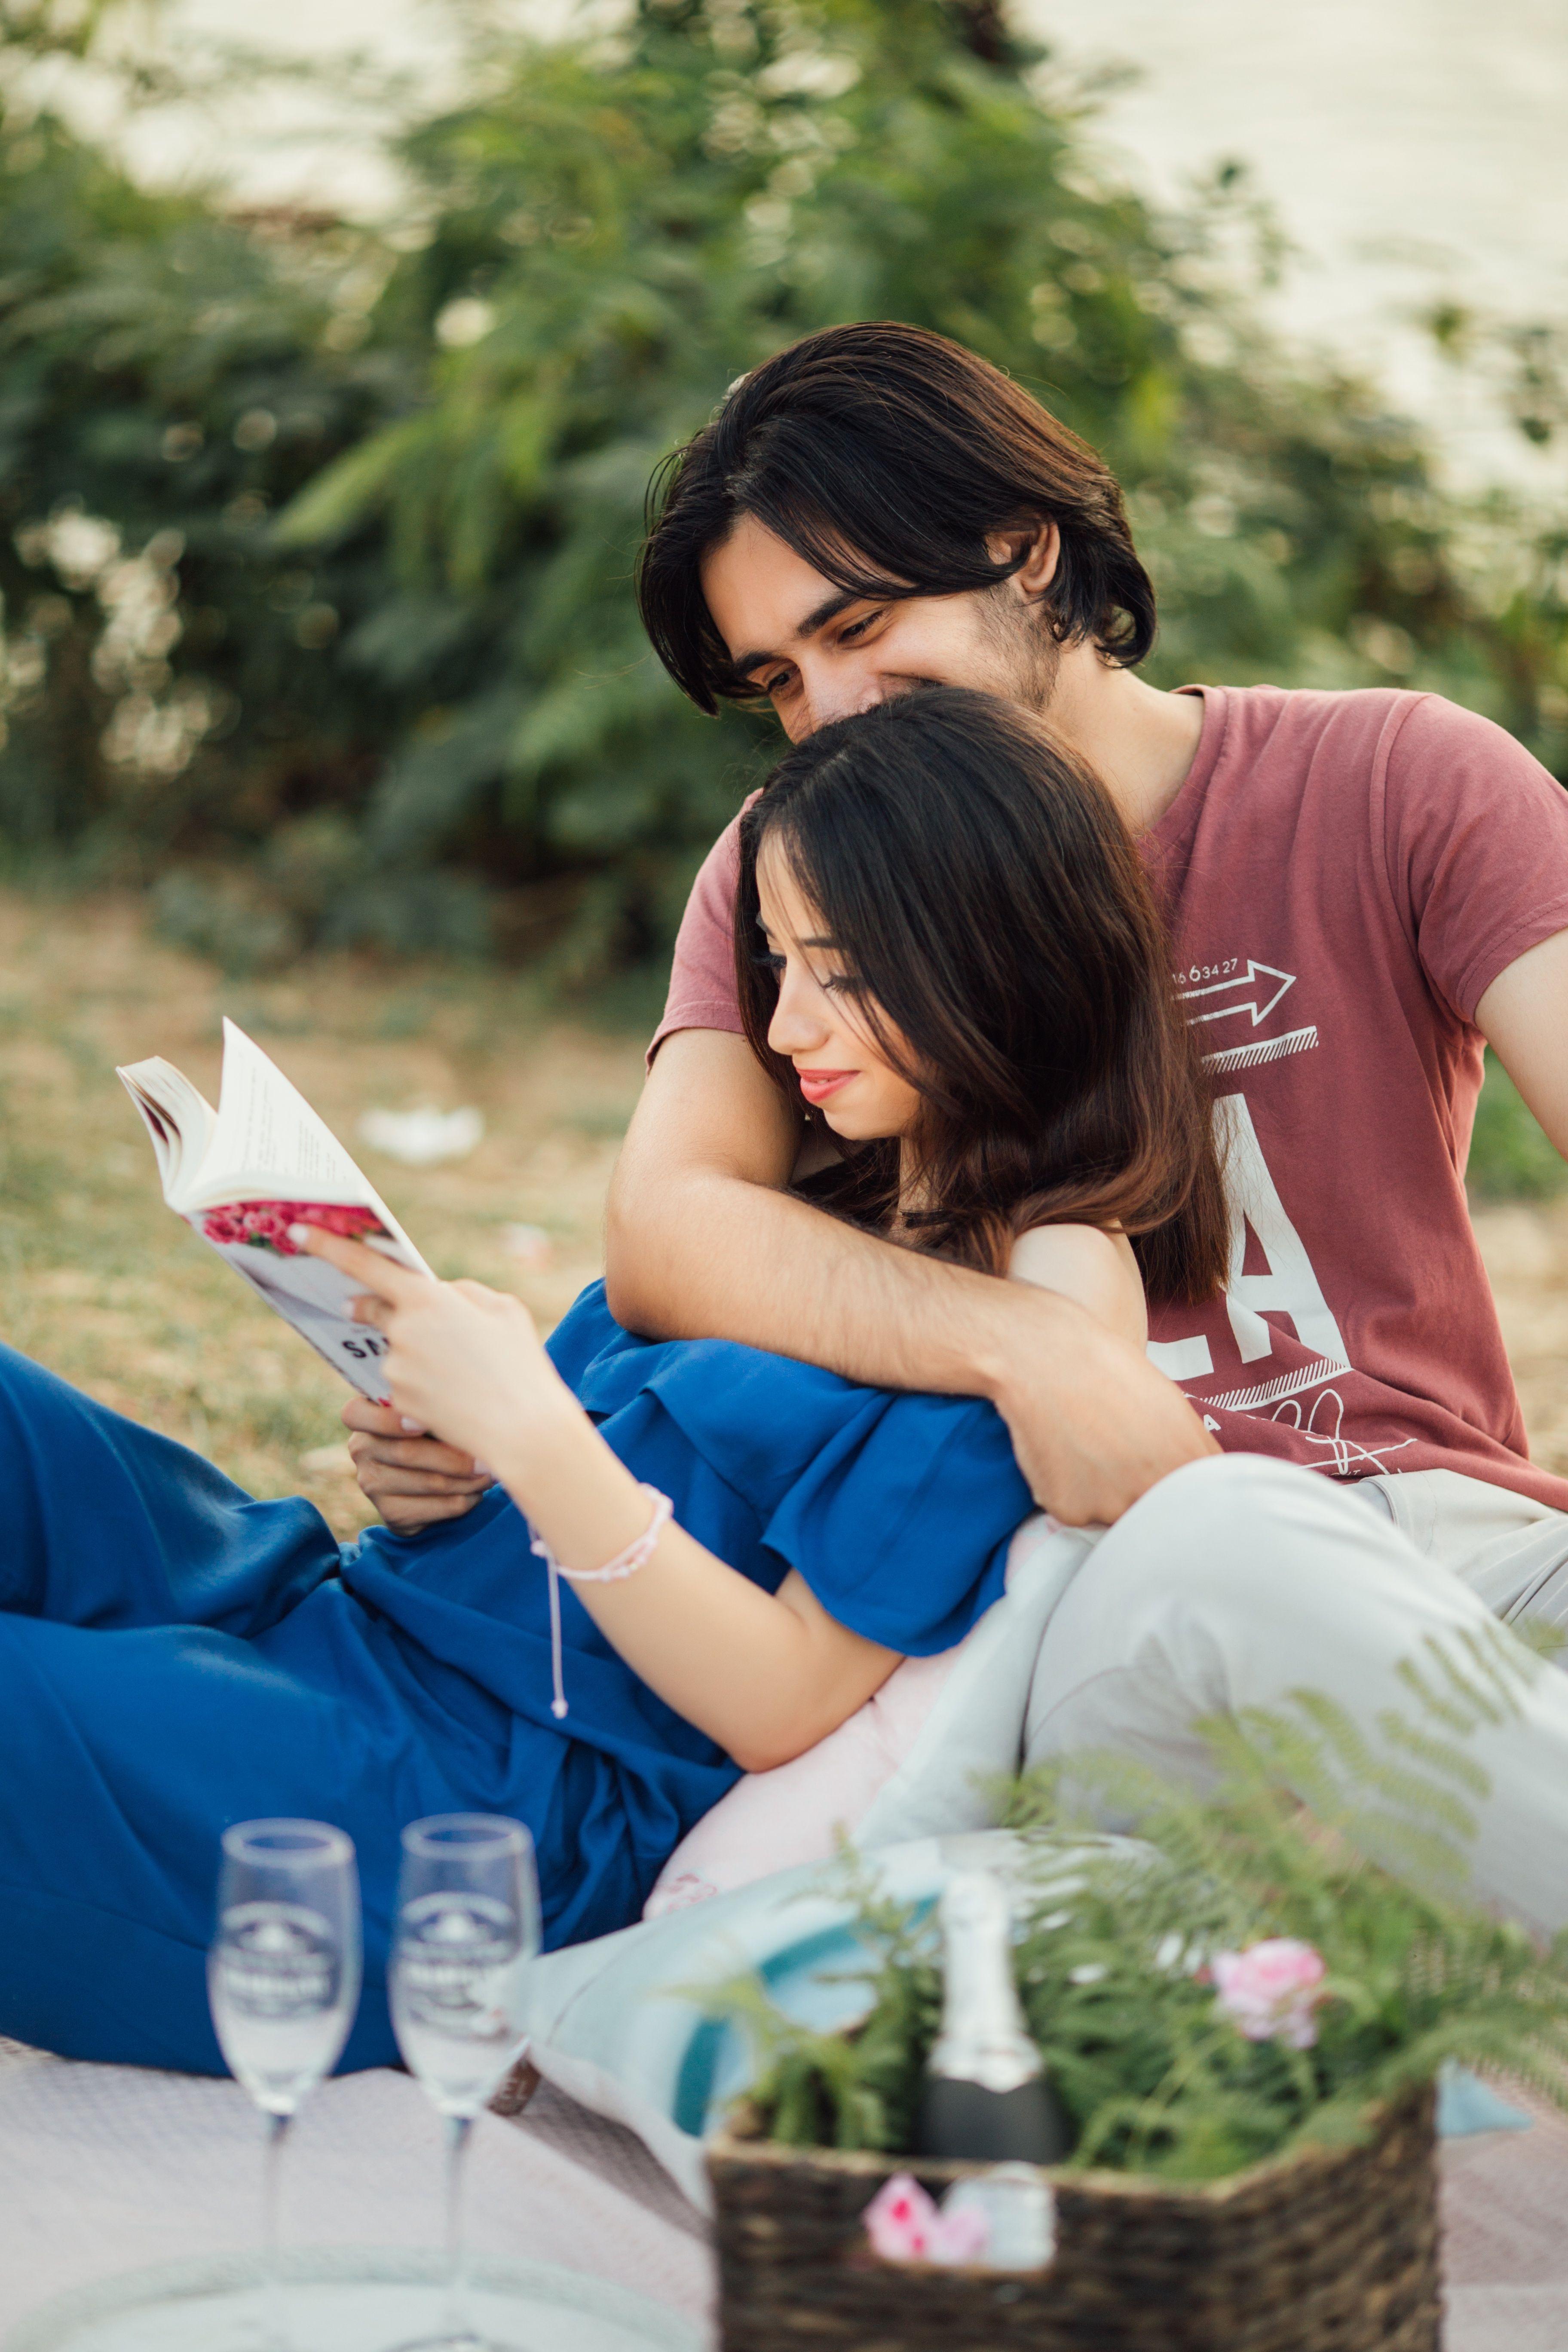 Liste der Dating-Website in vereinten Staaten